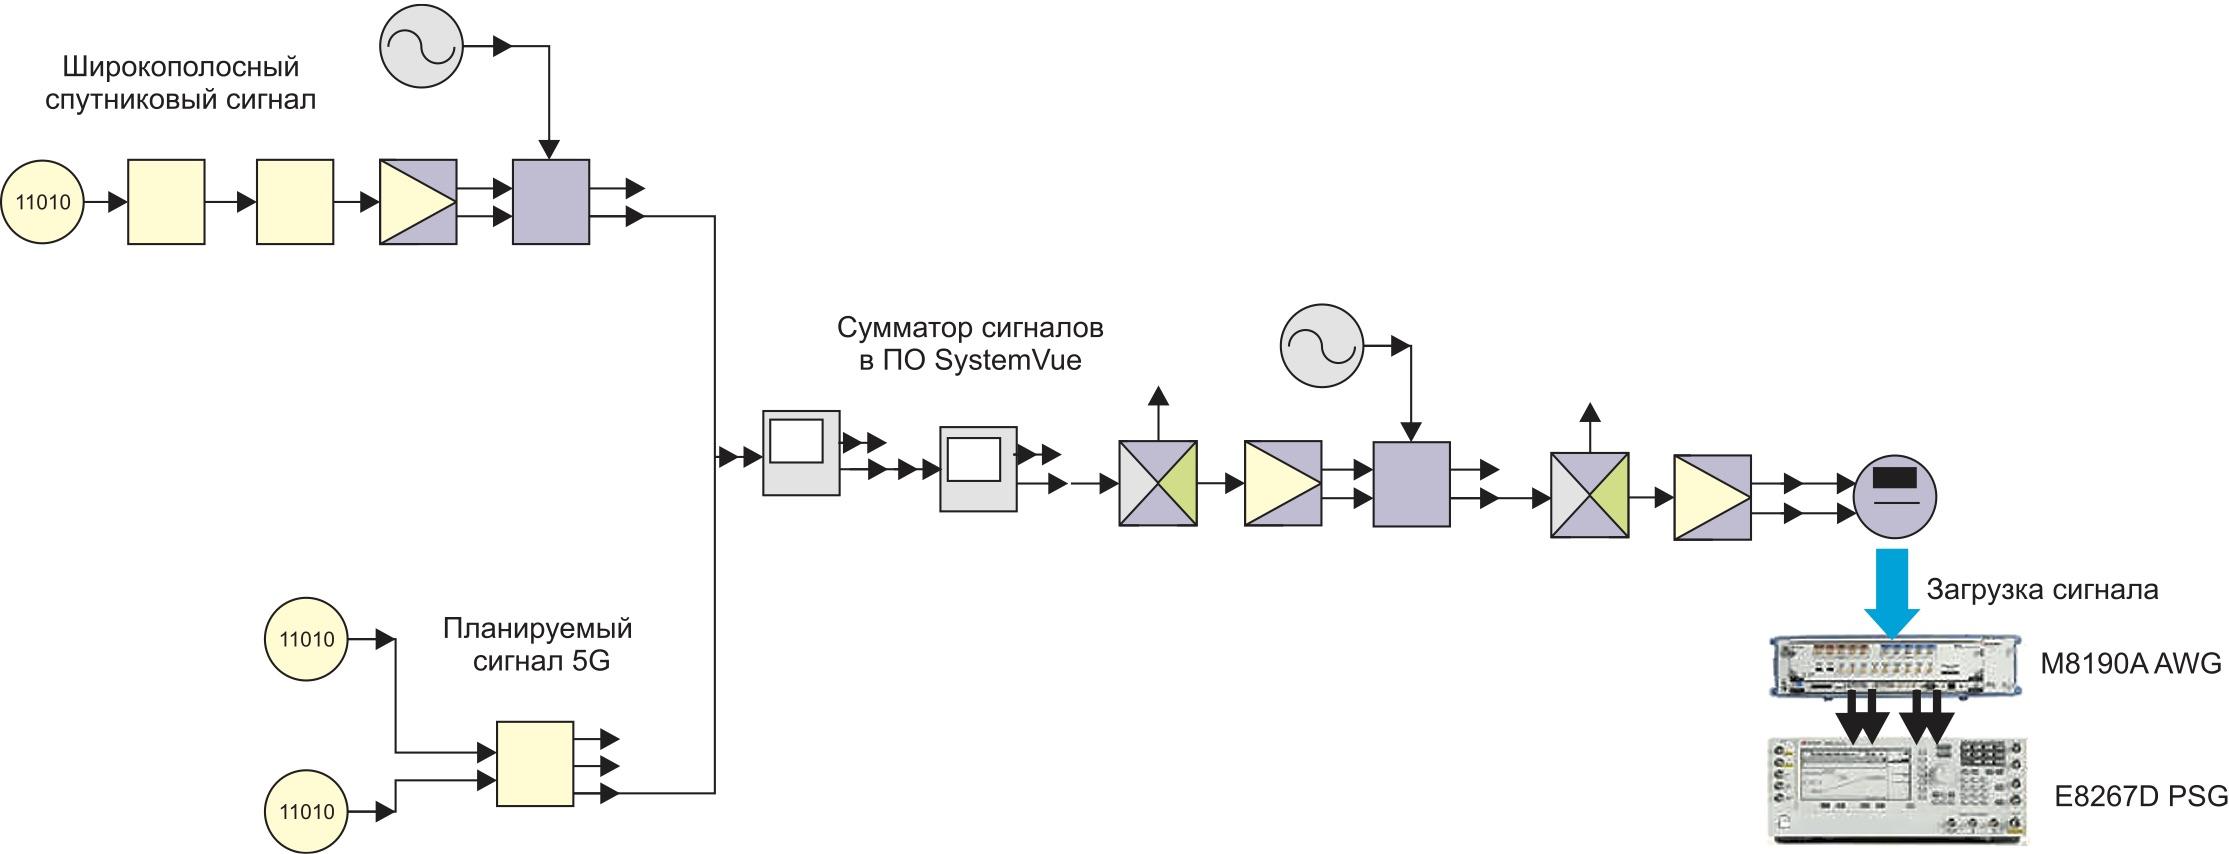 Схема моделирования, используемая для создания и загрузки сигналов для исследования сосуществования в диапазоне 28 ГГц